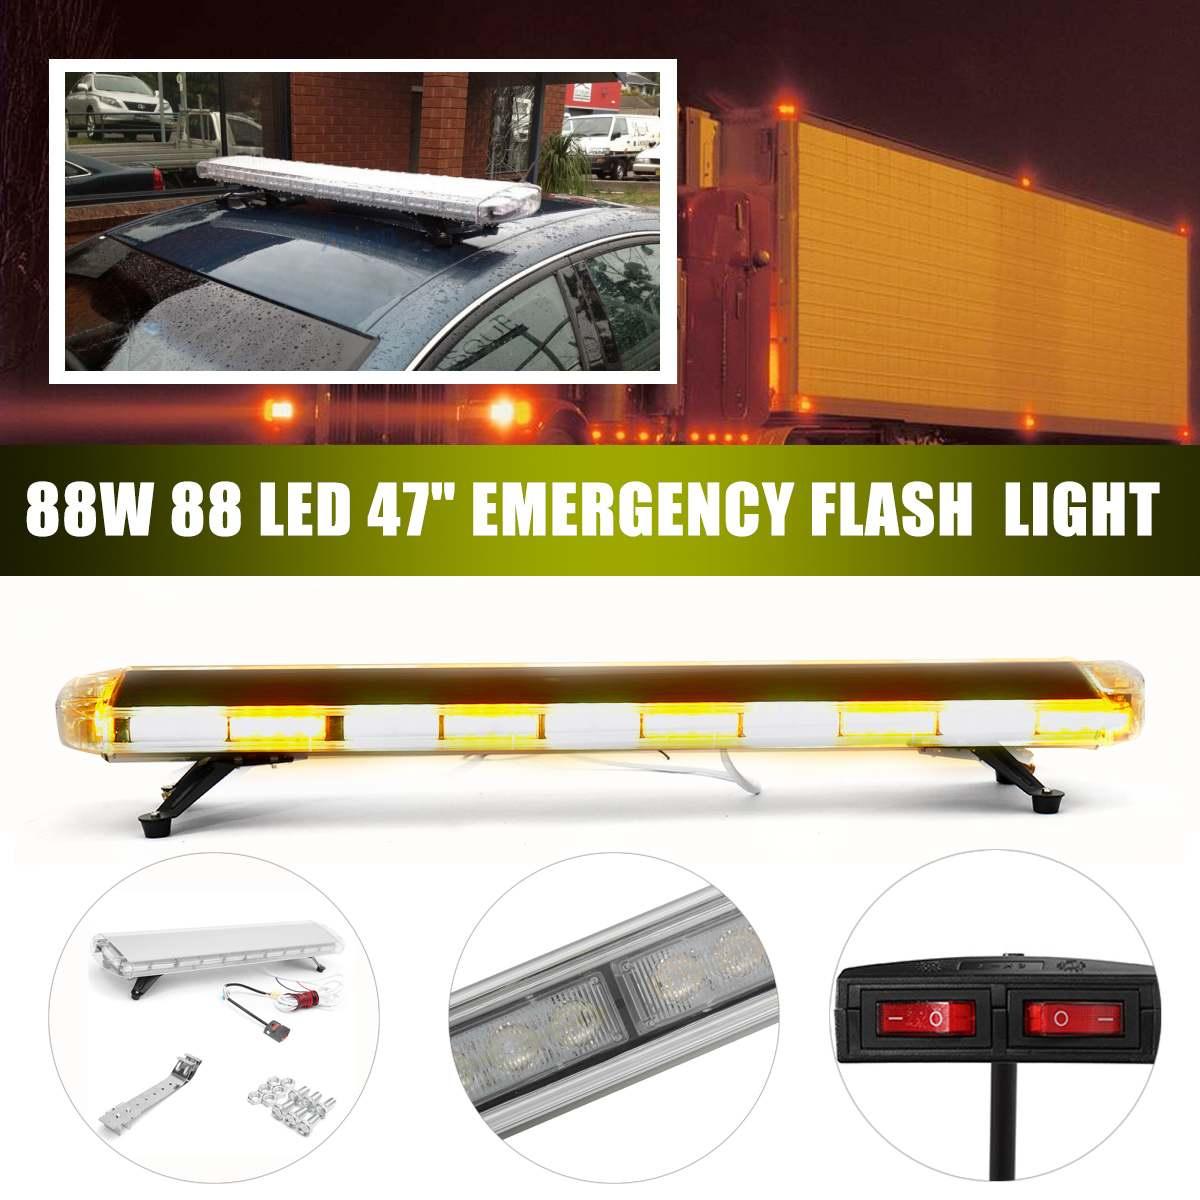 47 дюймов 88 W автомобиля светодиодный Flash аварийного маяка 88 светодиодный ответ проблесковый маячок светло желтого цвета/белый для автомобил